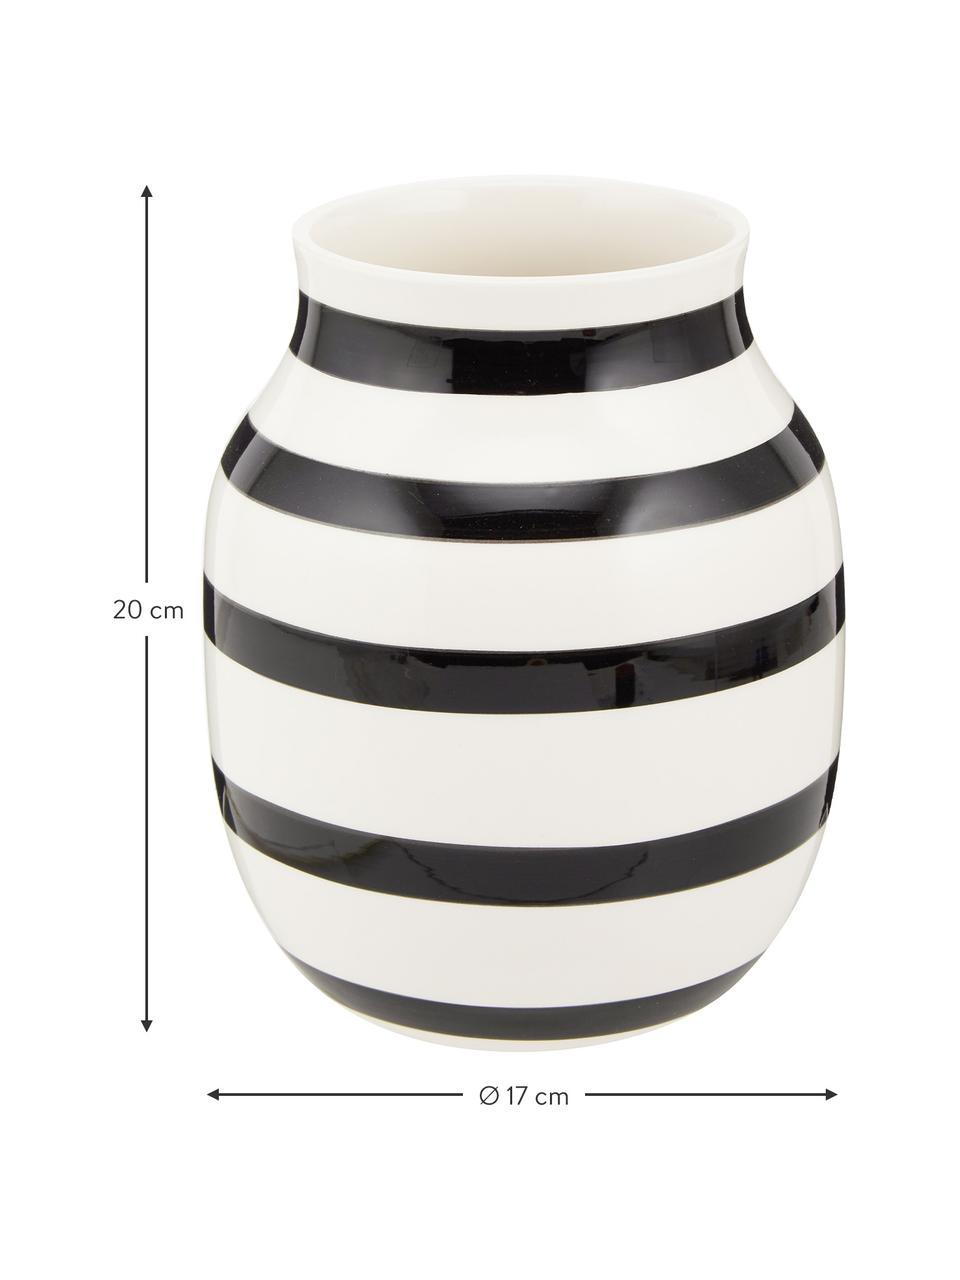 Vaso di design fatto a mano Omaggio, Ceramica, Nero, bianco, Ø 17 x Alt. 20 cm